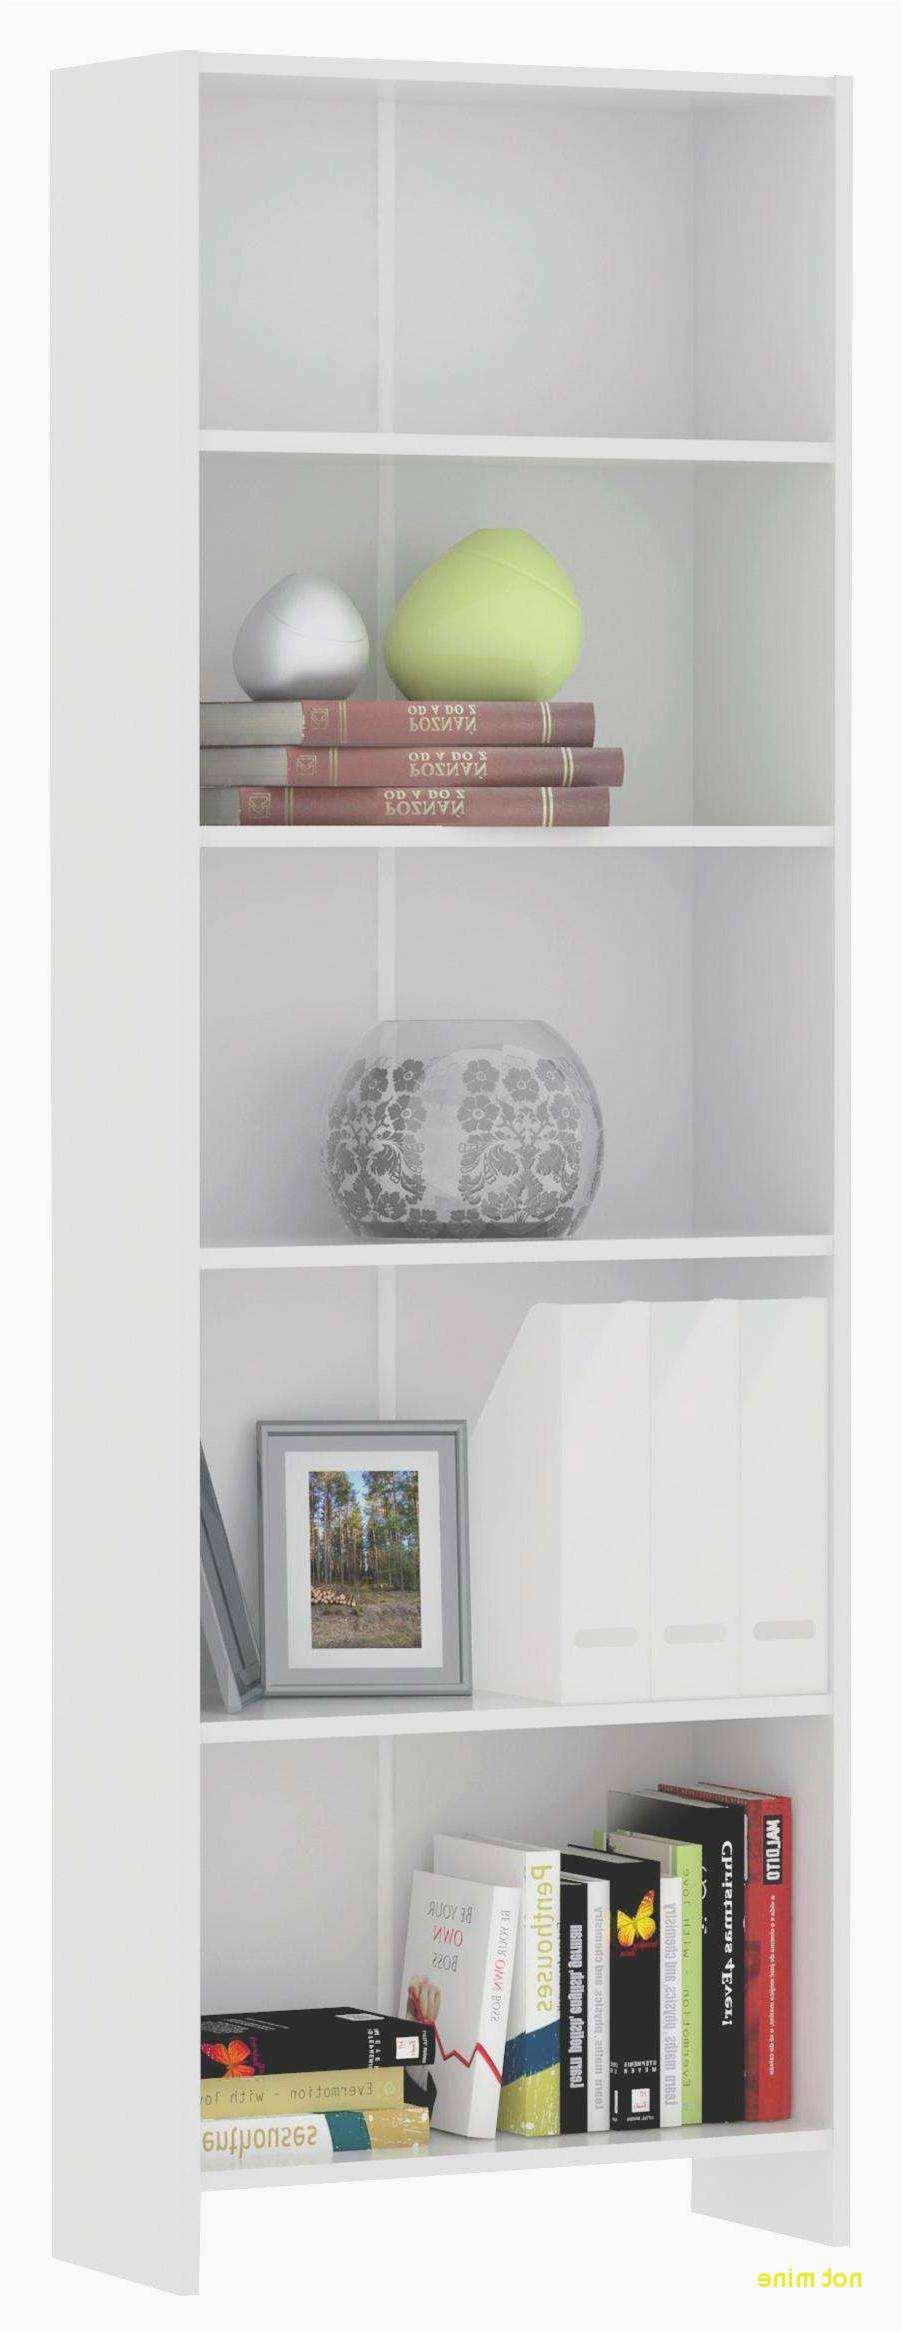 kleines schmales regal neu wohnzimmer regale bilder luxus of kleines schmales regal